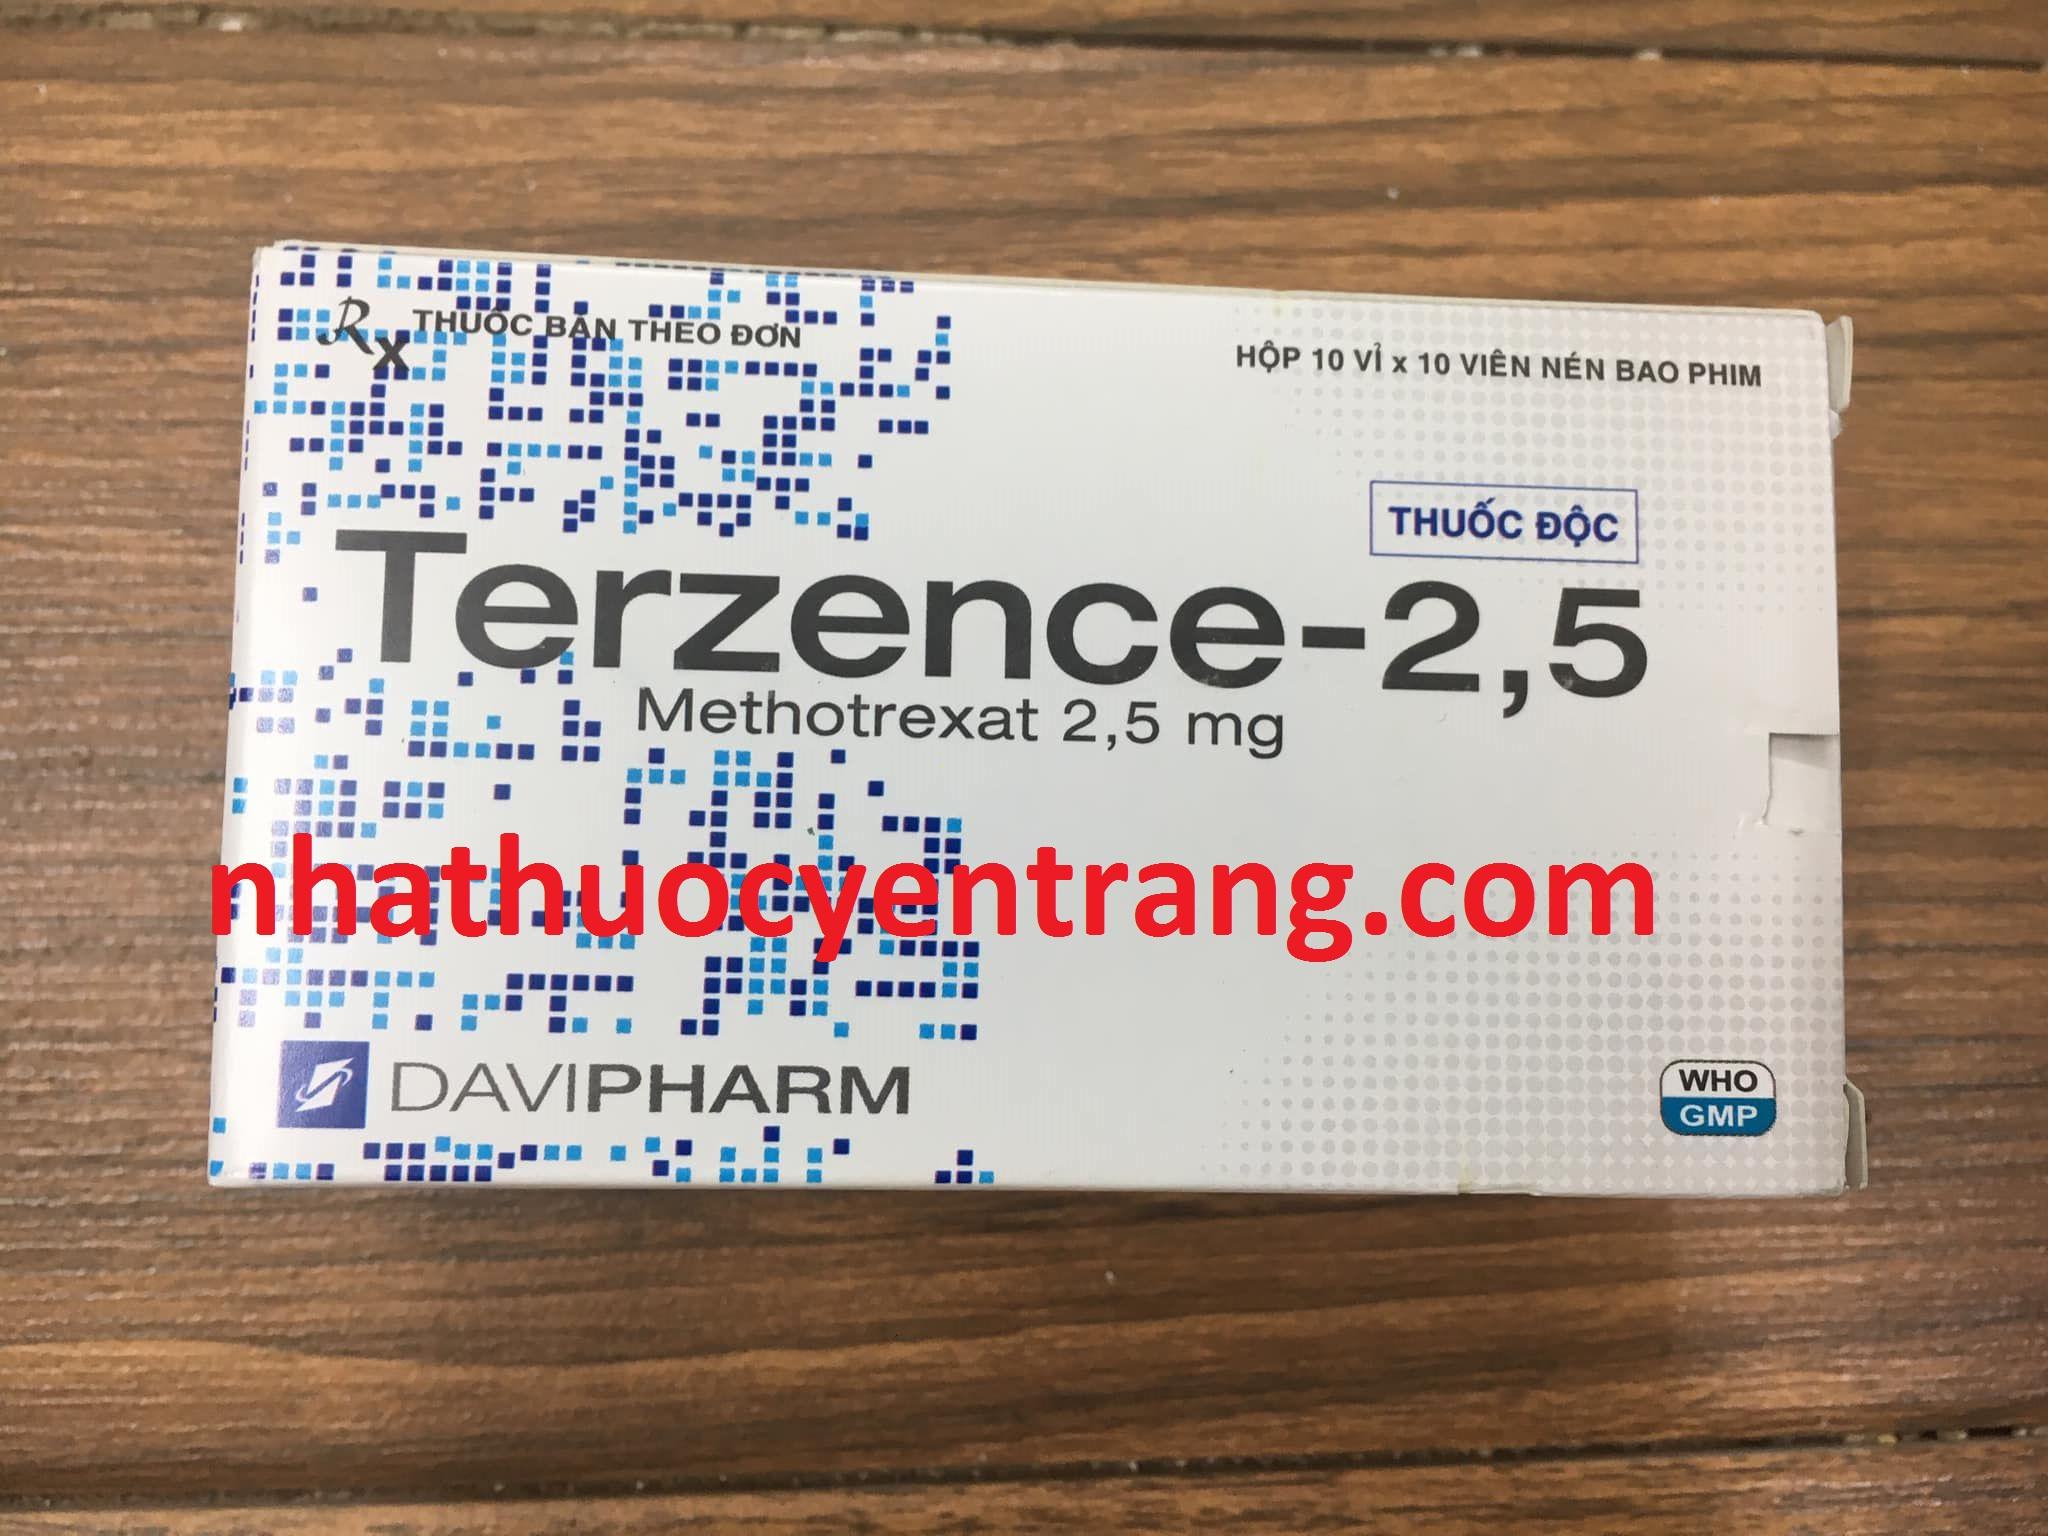 Terzence 2.5 mg